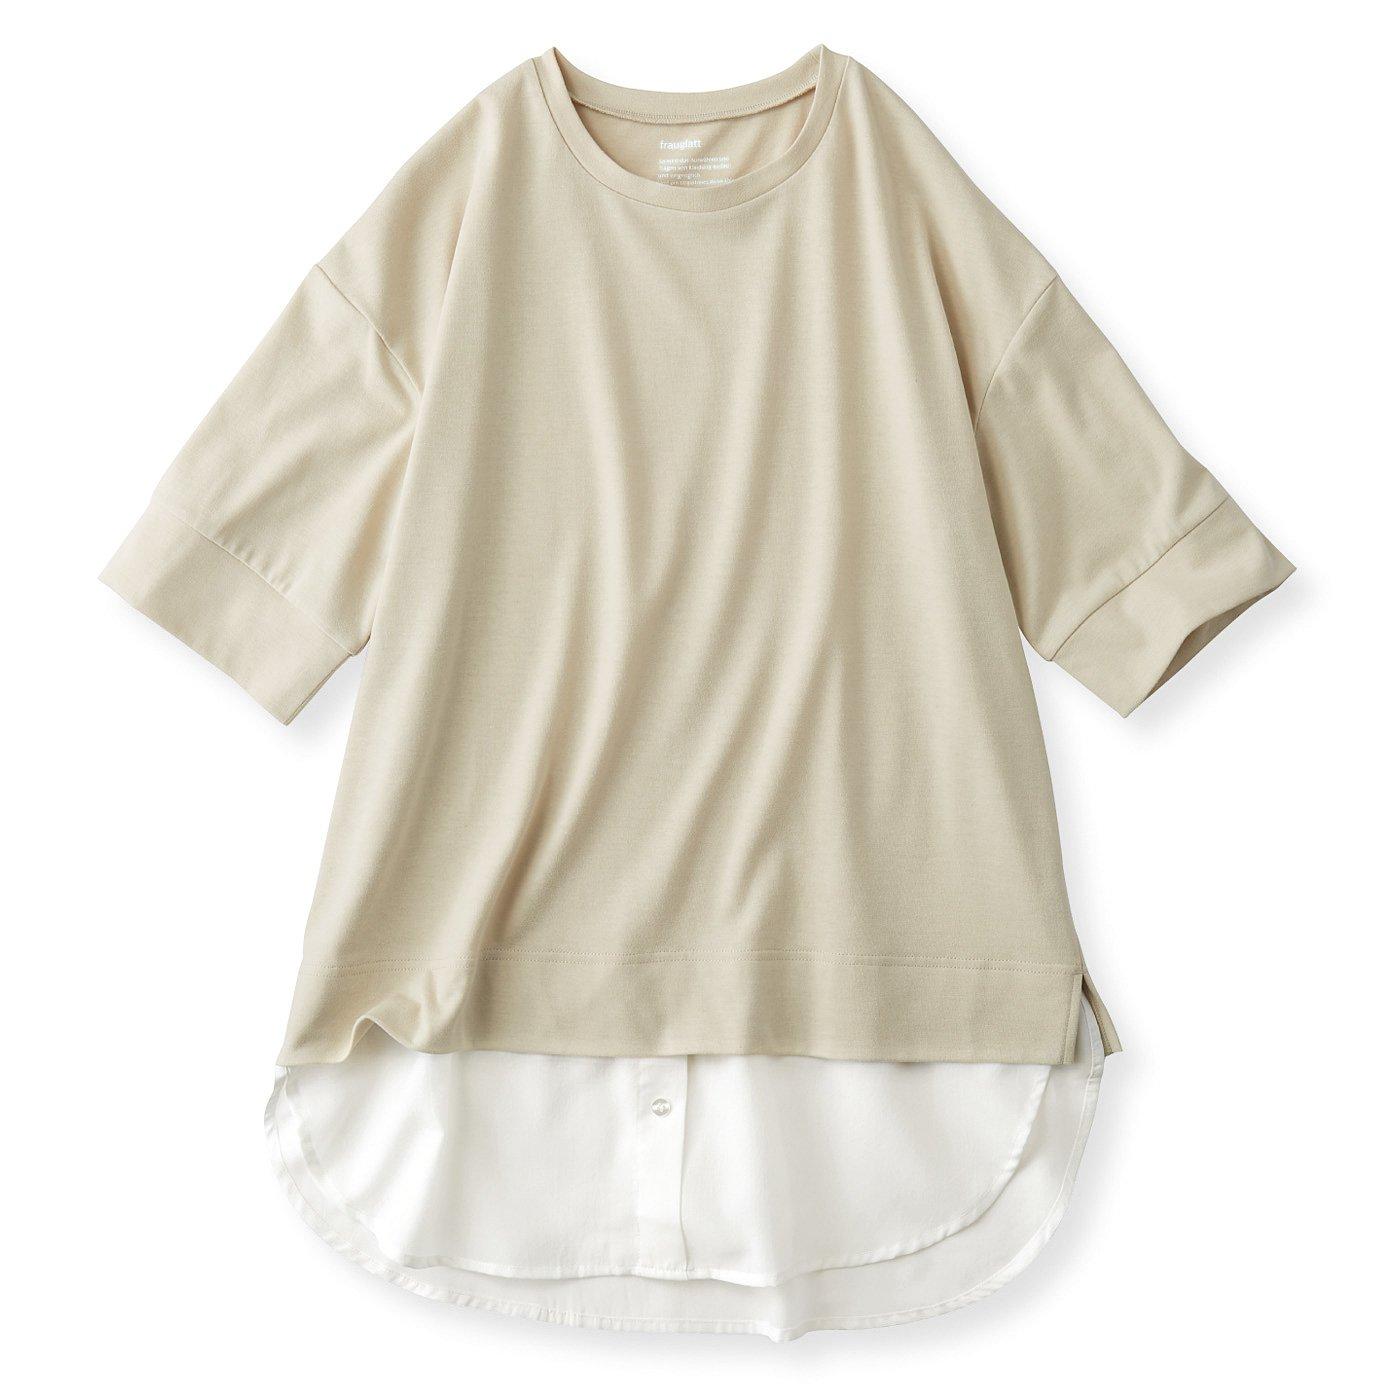 フラウグラット 一枚でシャツコーデ気分♪ 汗かきさんのアースカラー重ね着風チュニック〈汗じみ対策〉の会